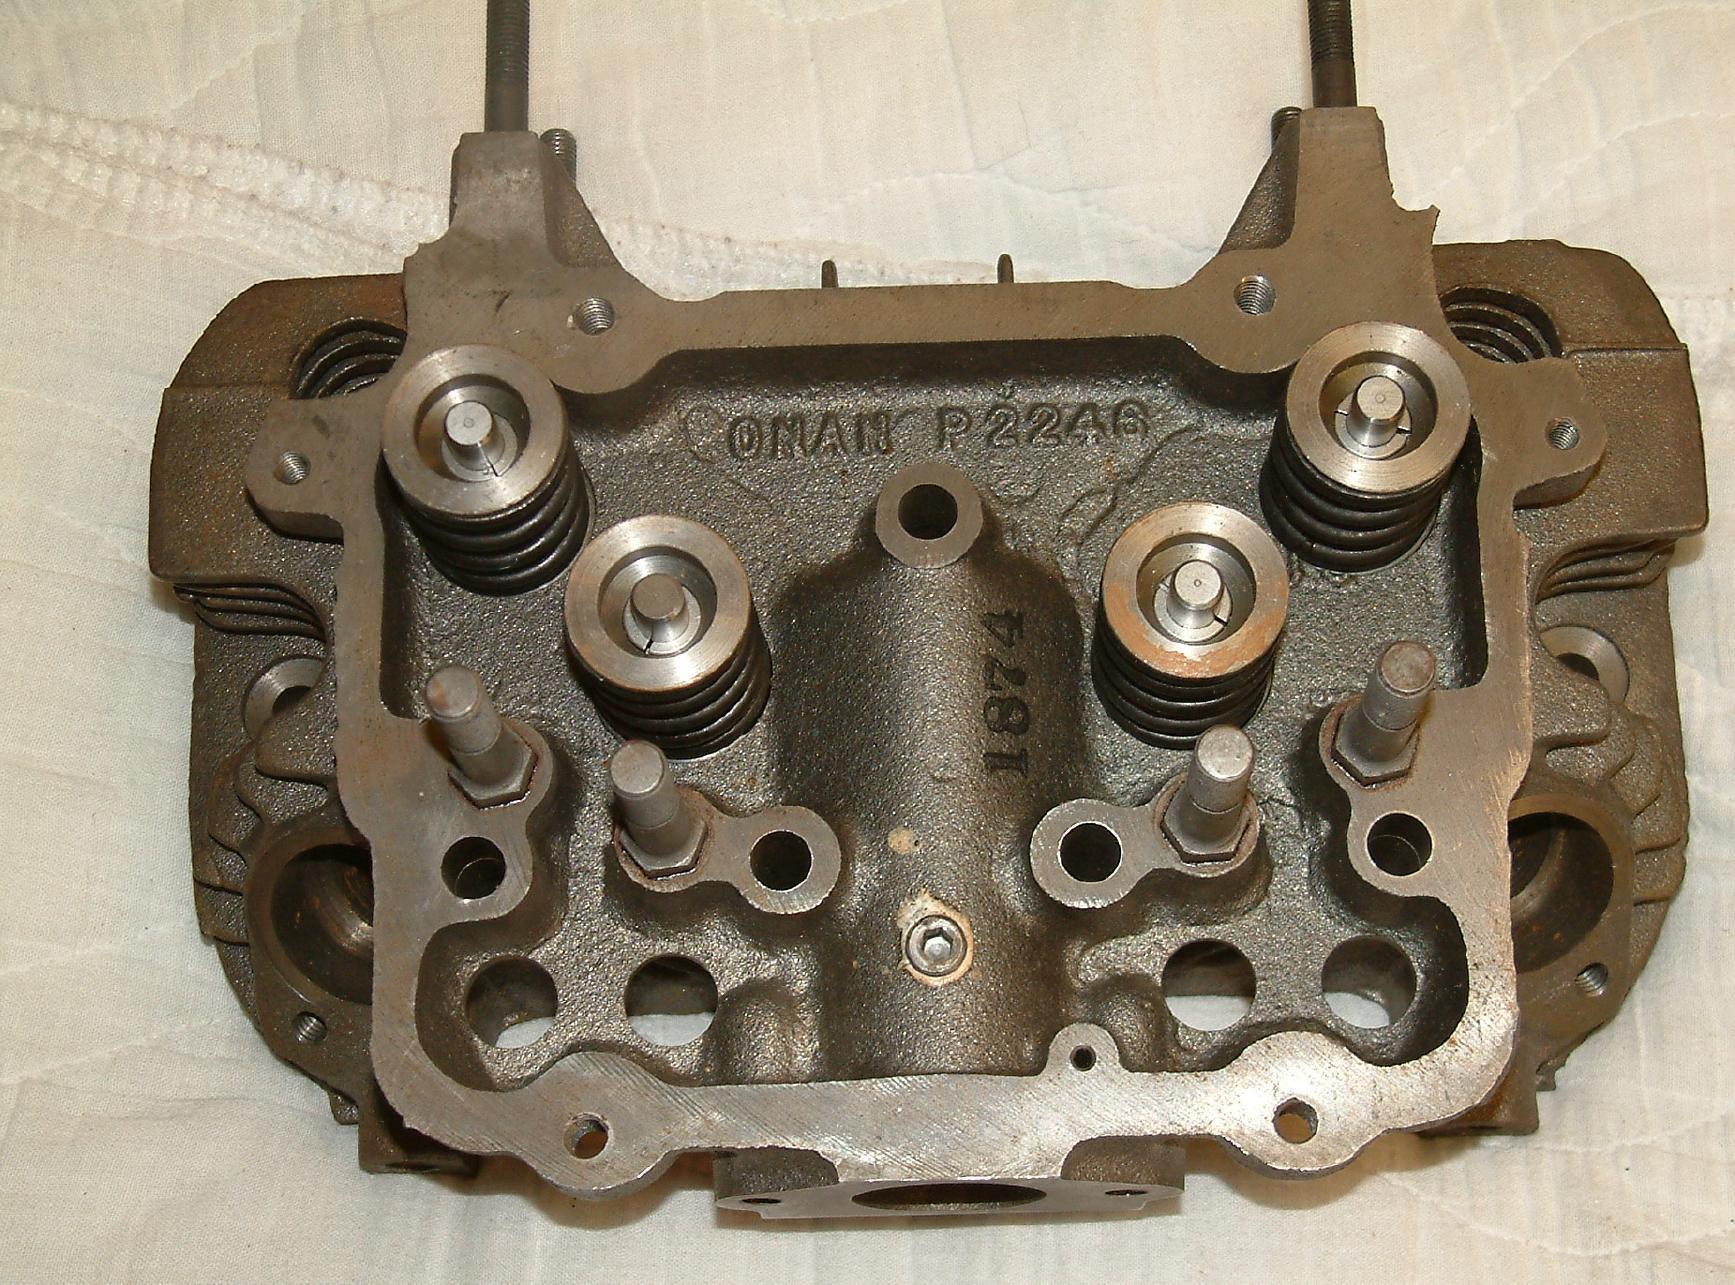 Help me identify these Onan DJC DJE DJB engine heads